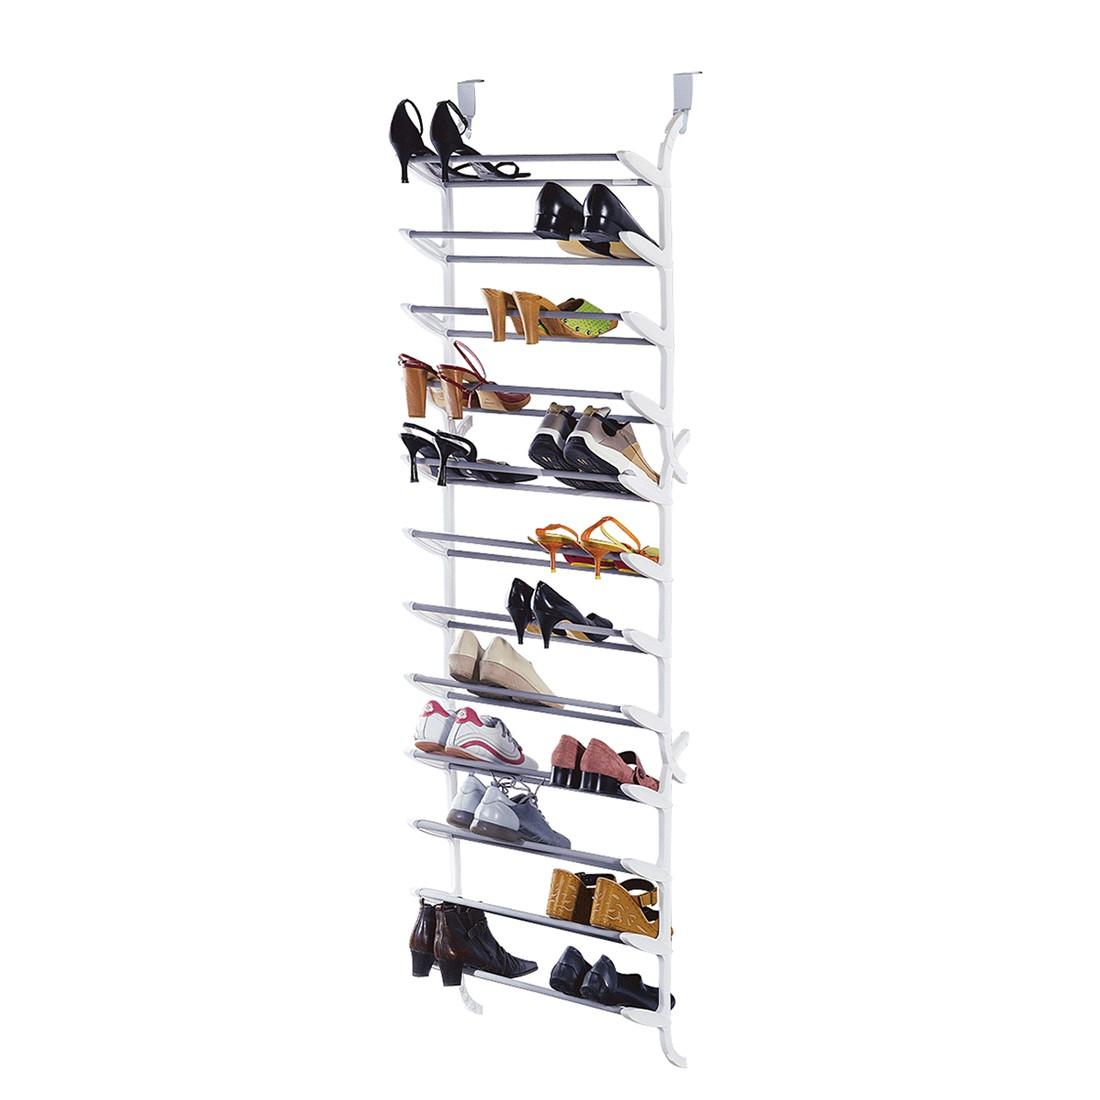 Schuhregal für die Tür - Kunststoff/Metall - Weiß